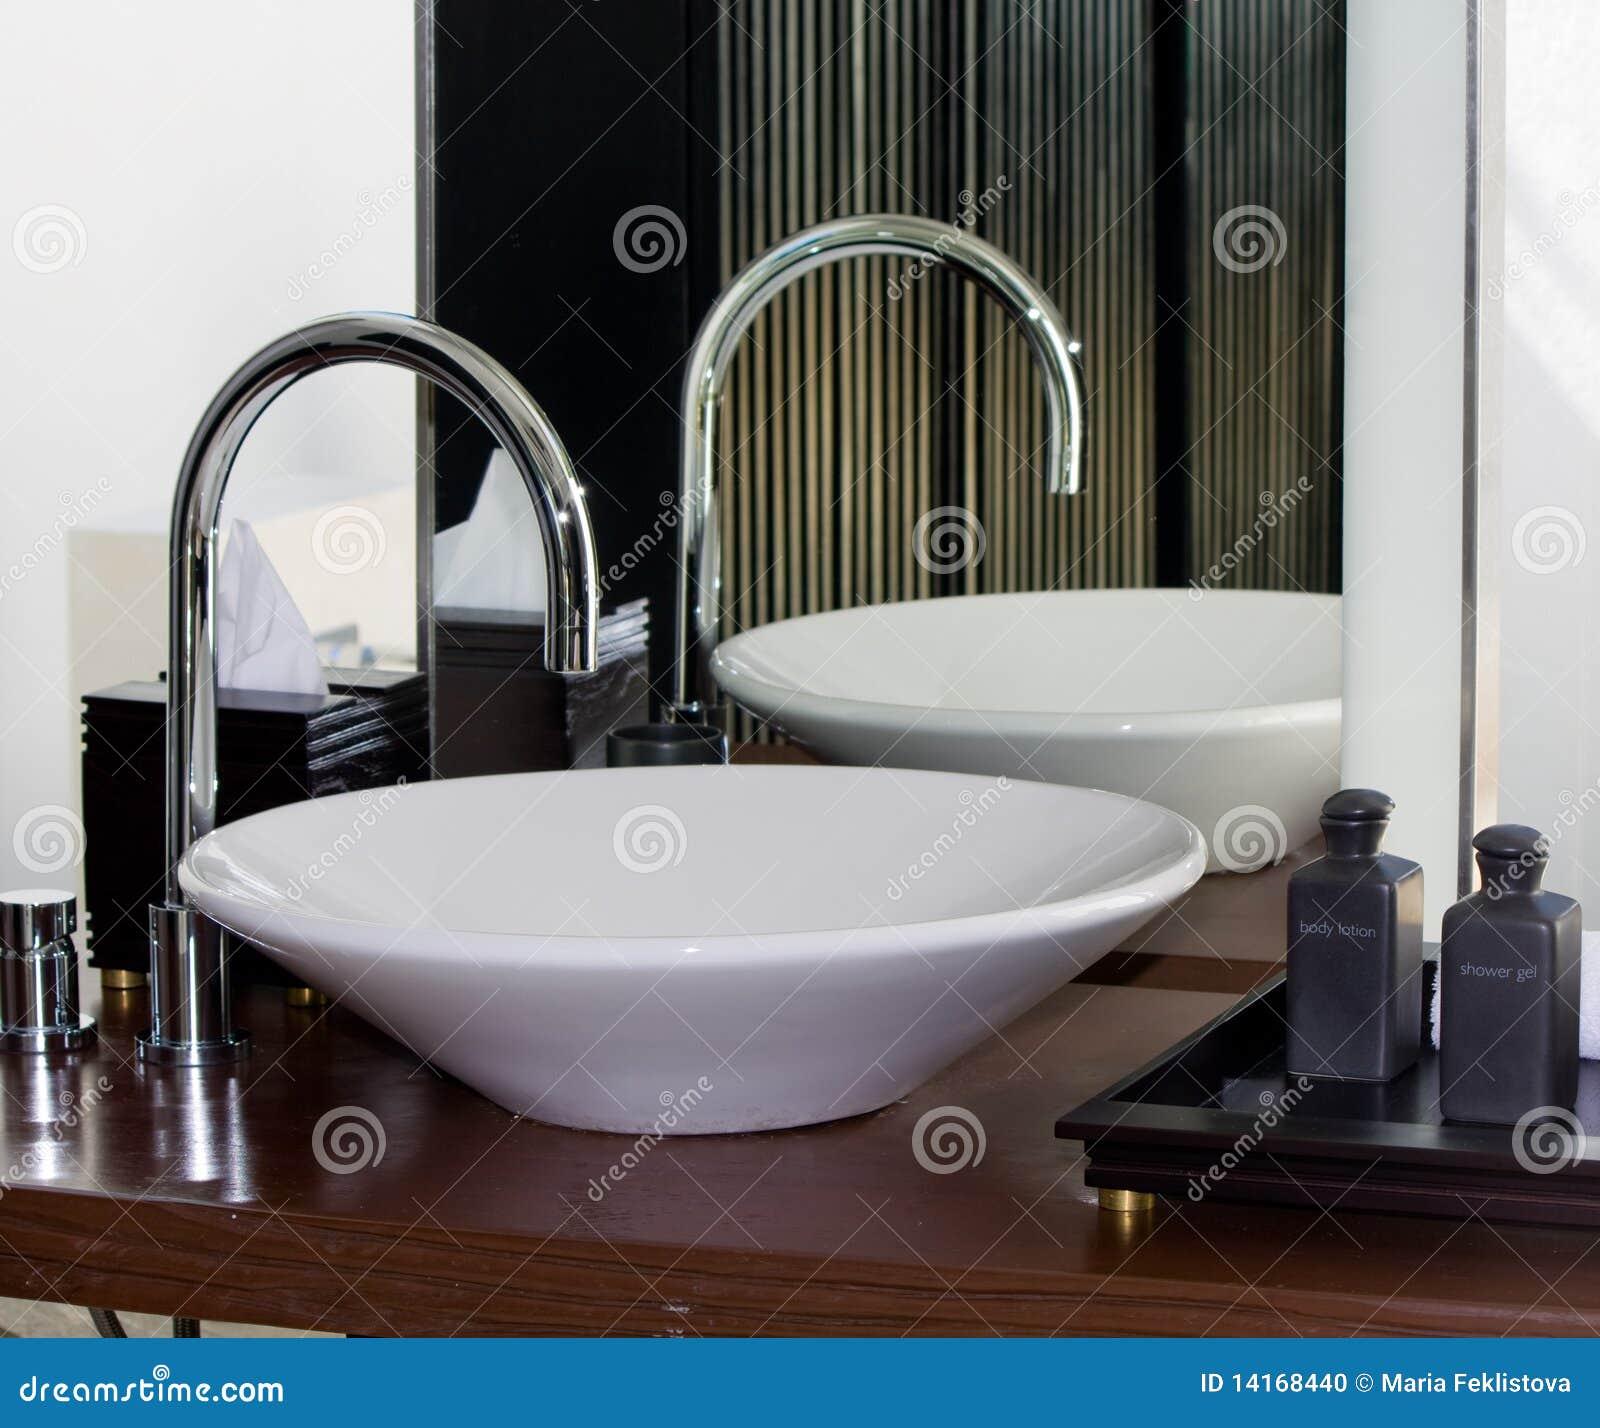 Torneira E Dissipador Modernos Do Banheiro Foto de Stock Imagem  #81A328 1300 1177